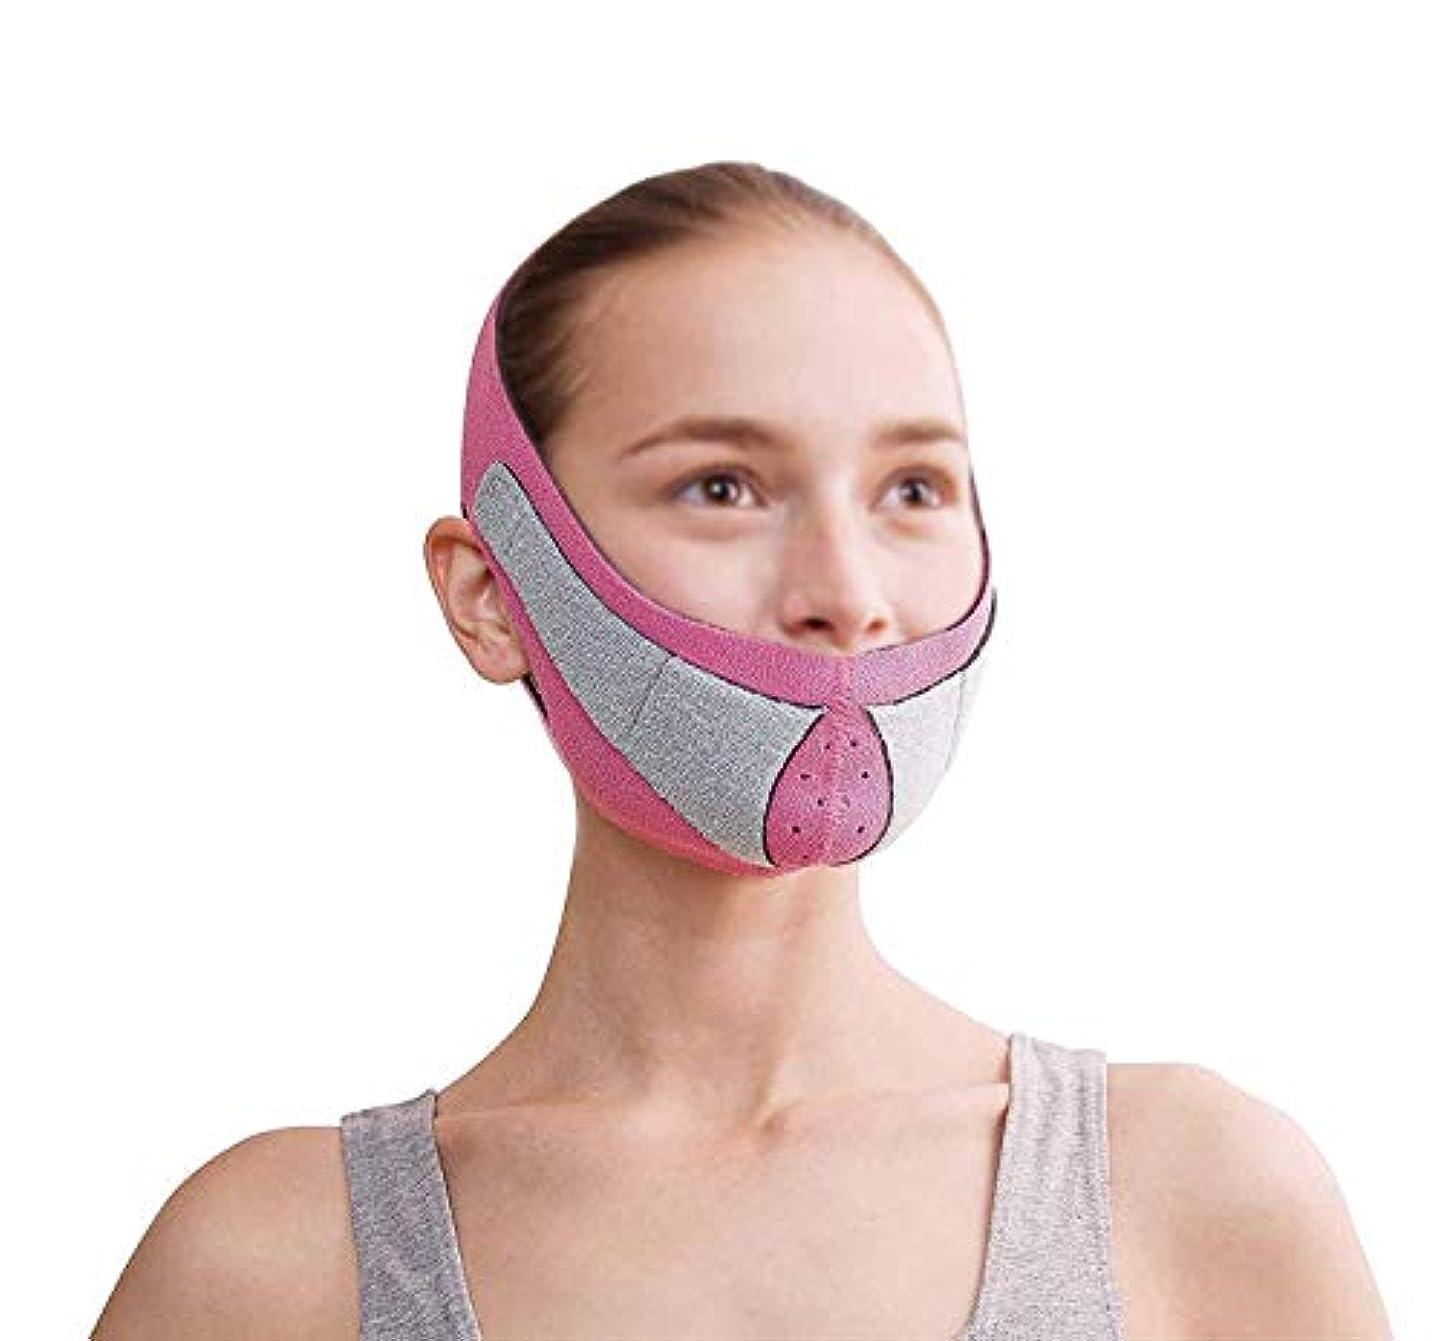 アクティビティ物足りないの中でフェイスリフトマスク、顔のMaskplus薄いフェイスマスクタイトなたるみの薄いフェイスマスク顔の薄いフェイスマスクアーティファクトネックストラップ付き